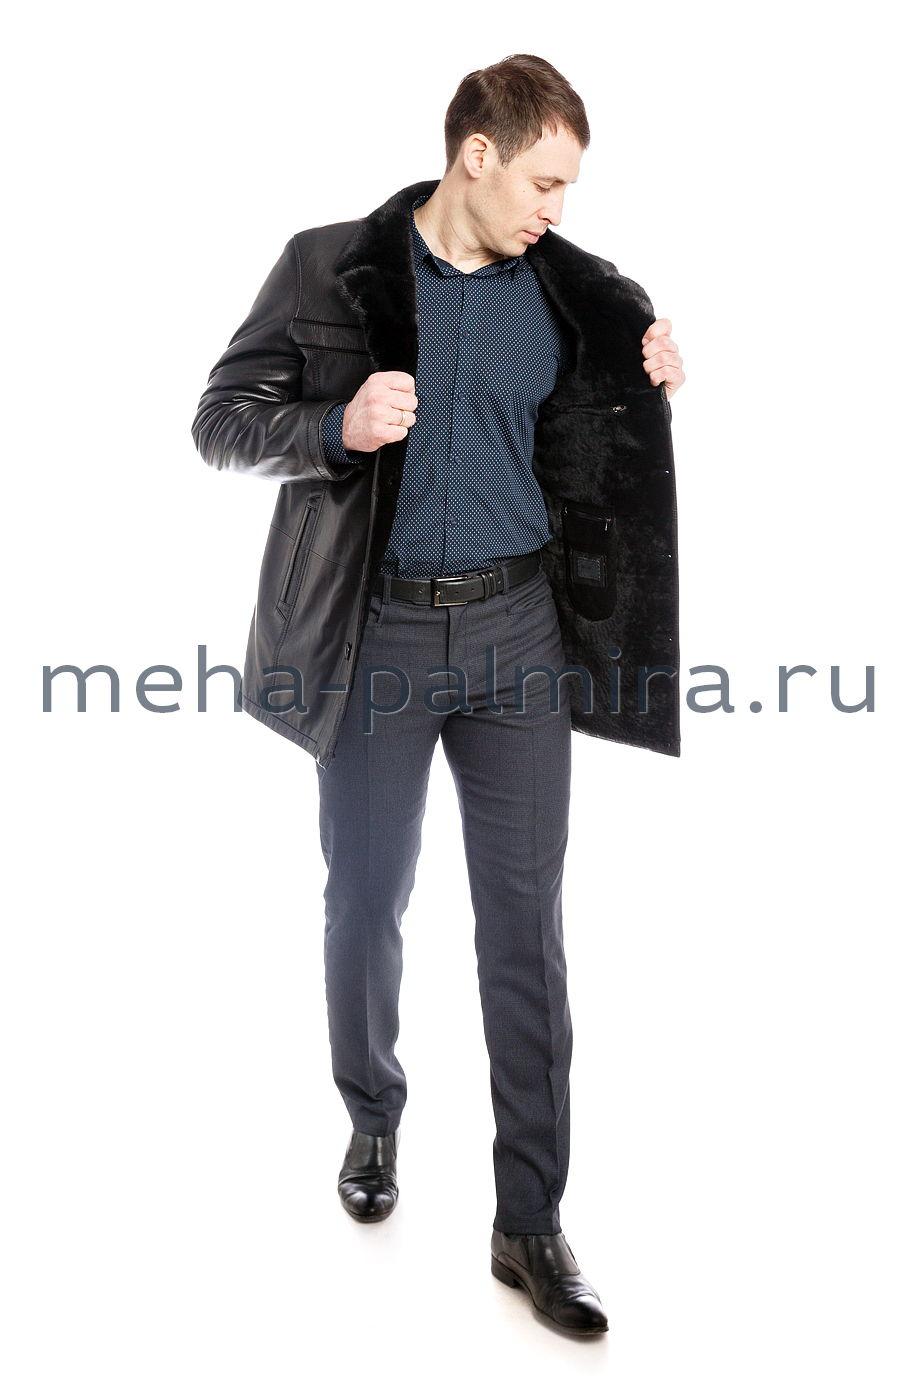 Дубленка мужская с отложным воротником из меха норки.